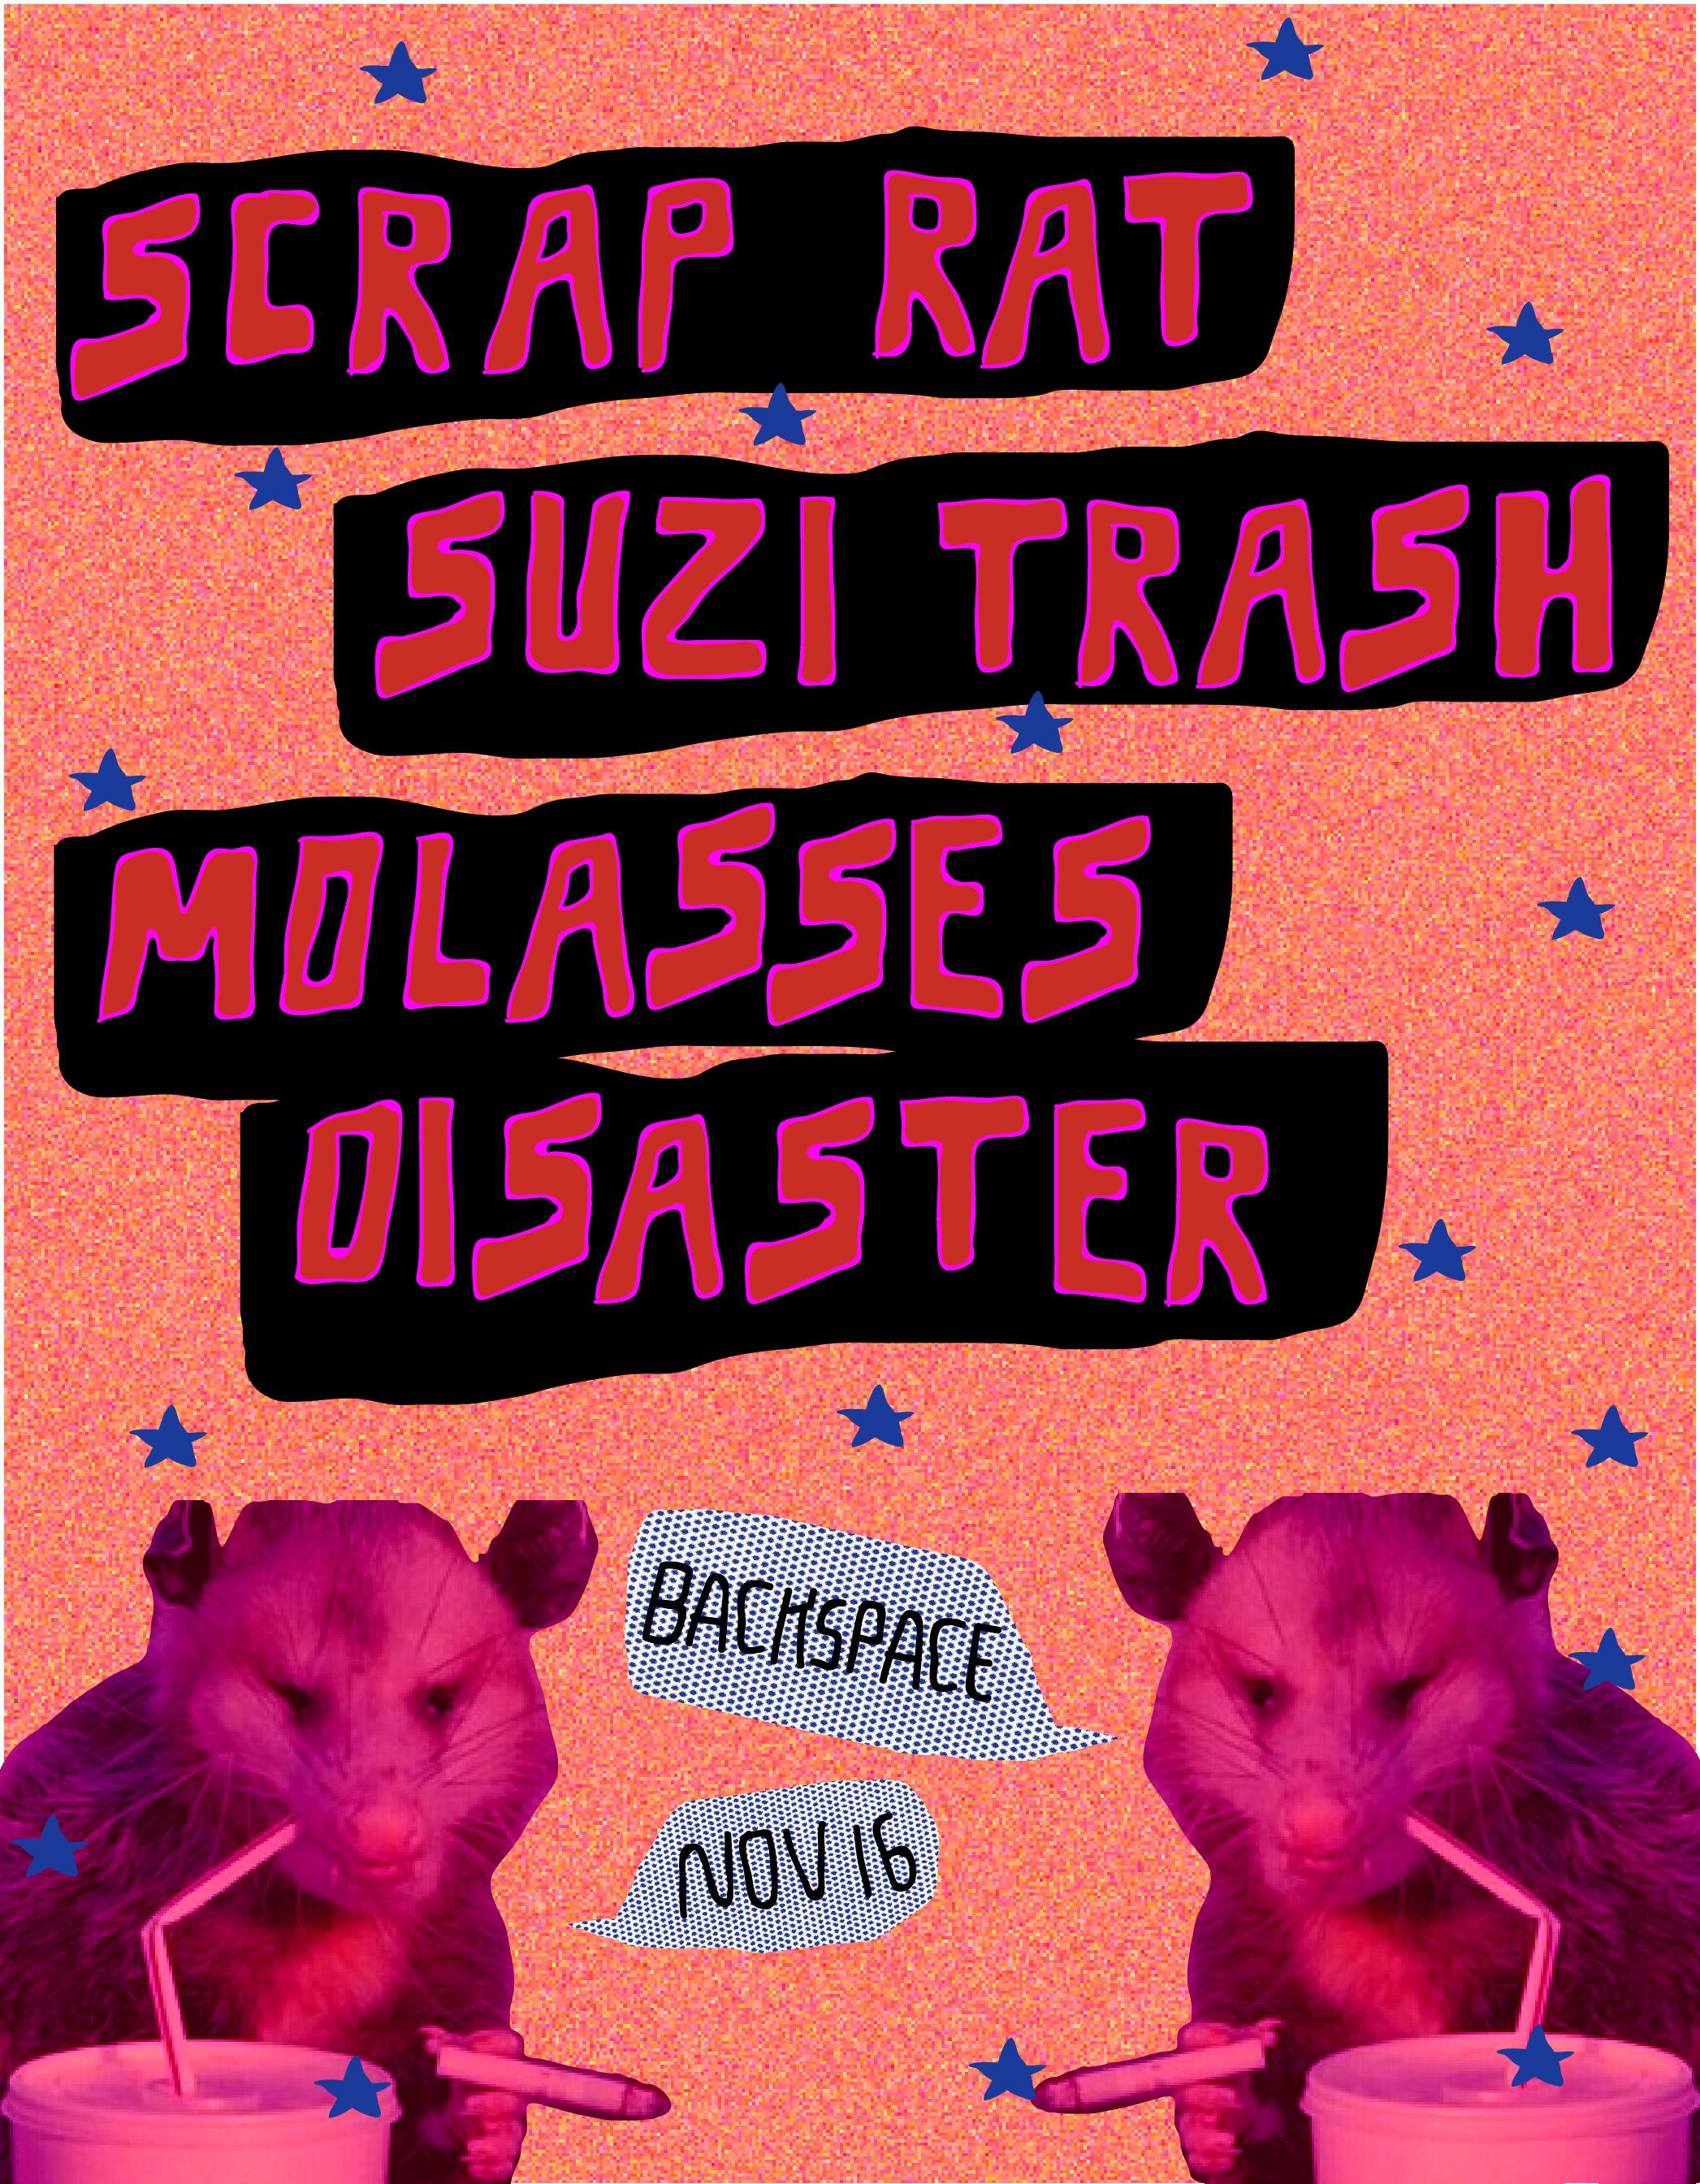 possum cig scrap rat-03.png